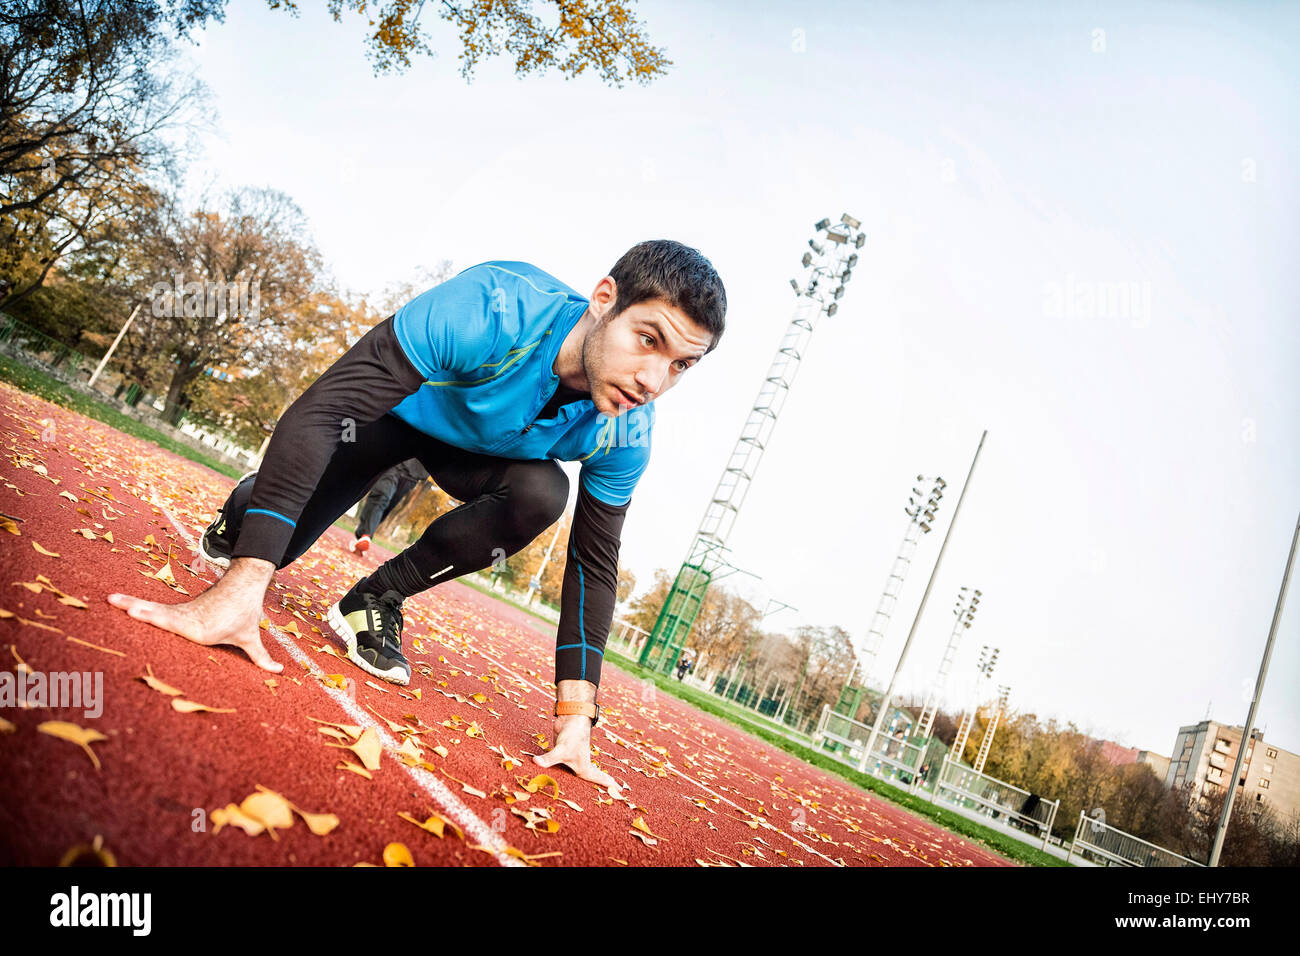 Deslizadera macho haciendo un entrenamiento de sprint Imagen De Stock